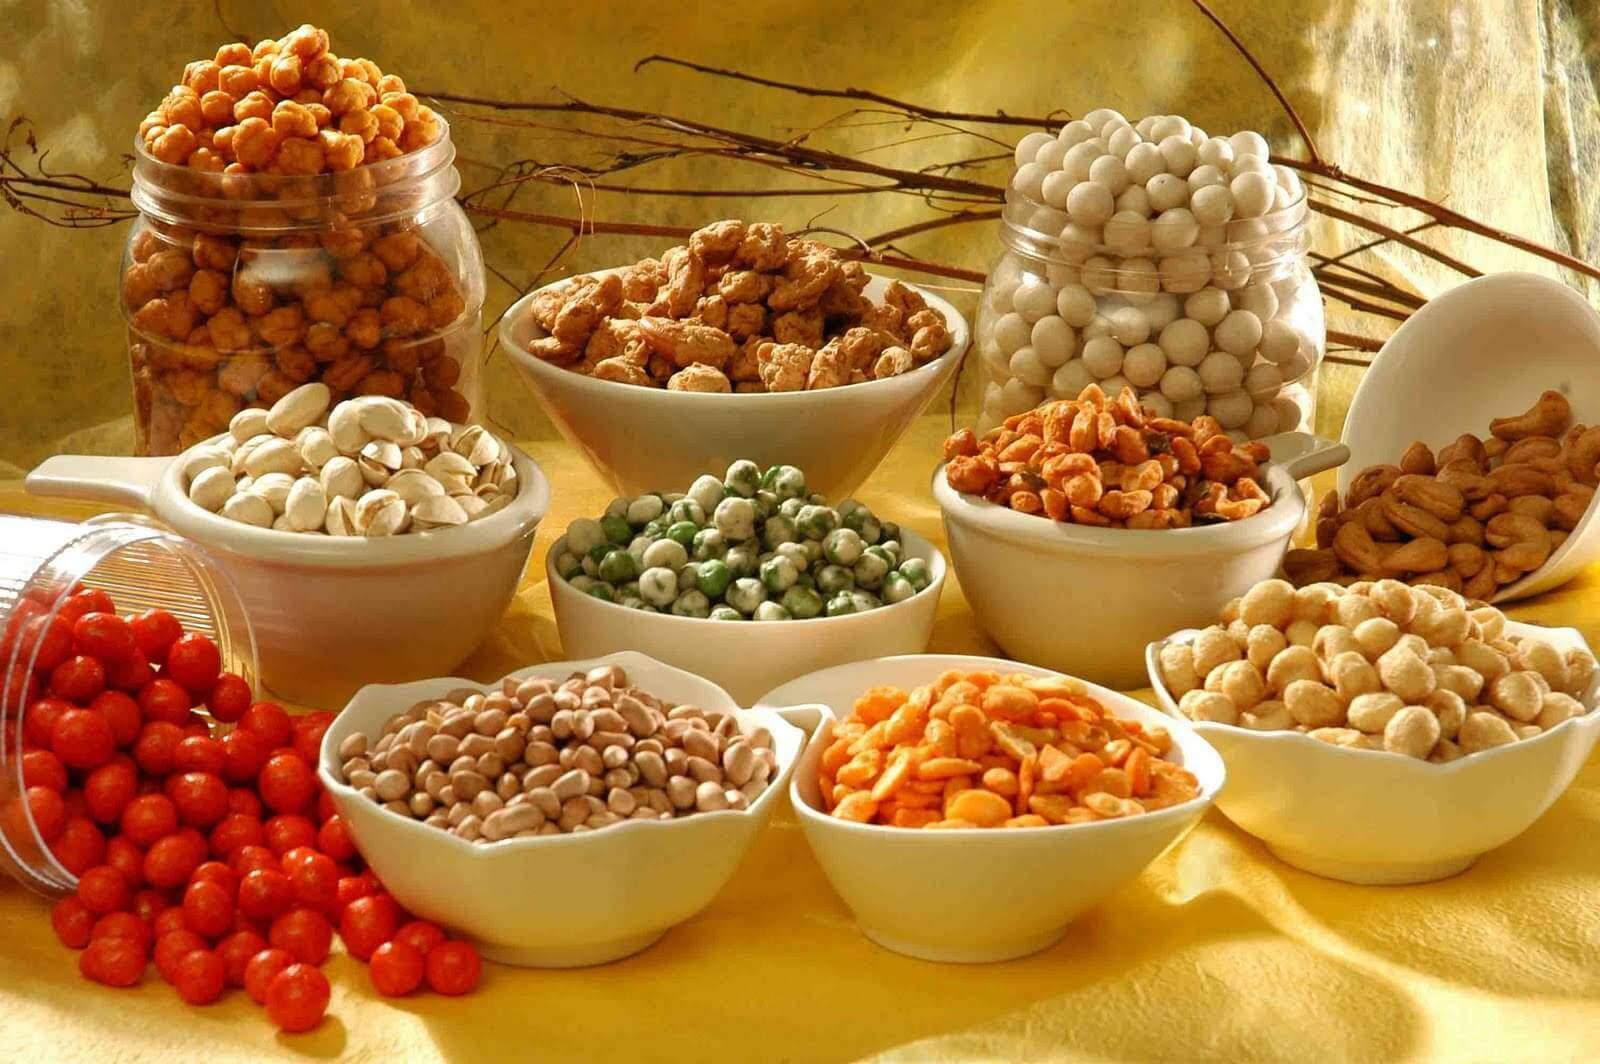 proteinas vegetales dietaproteica